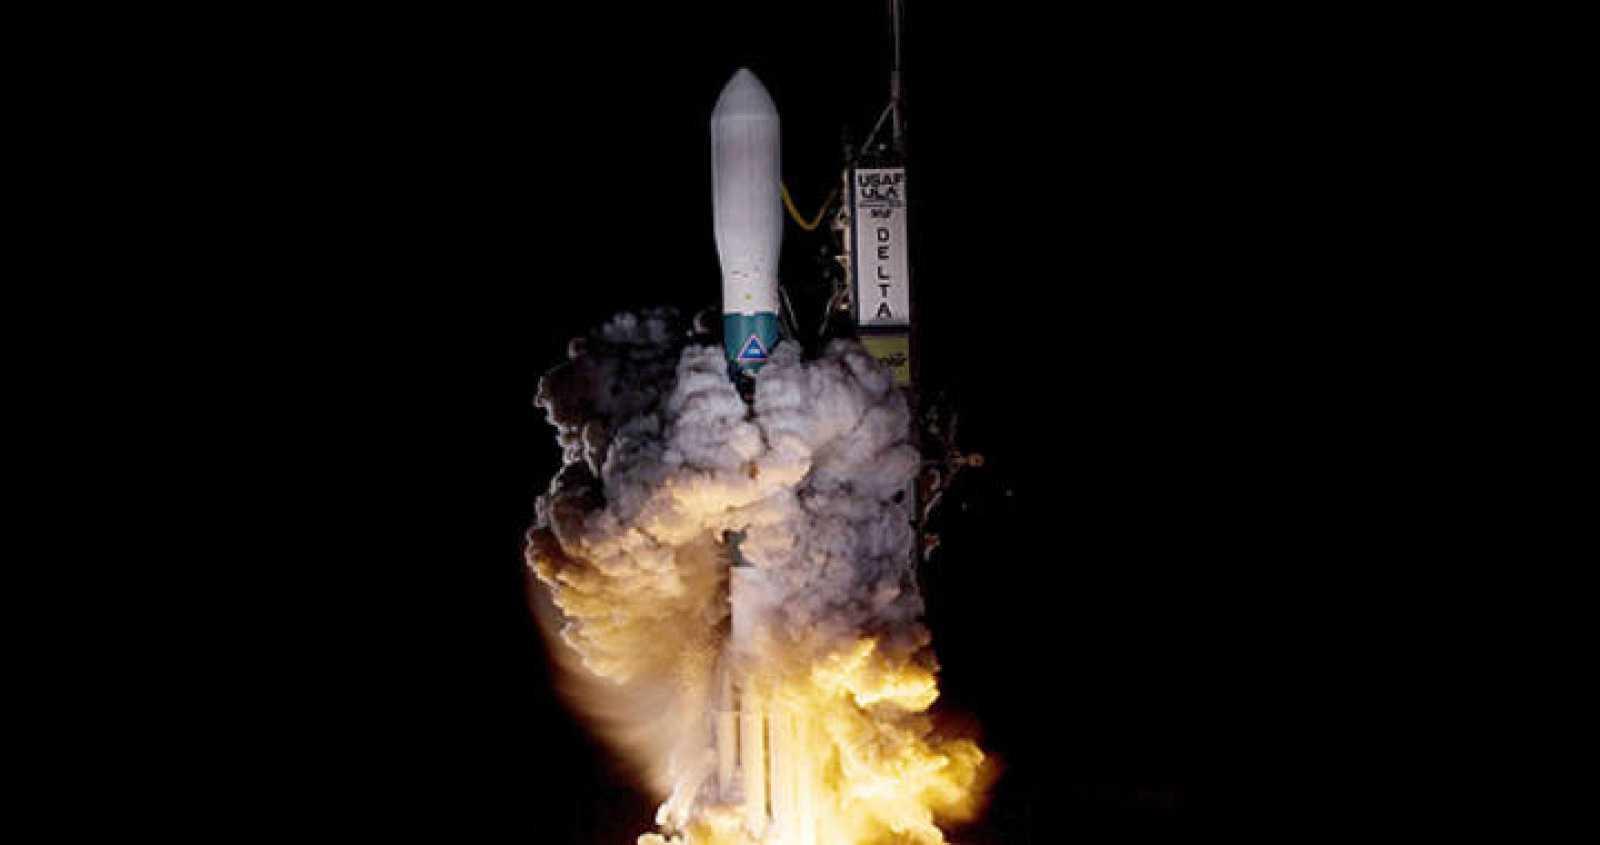 Imagen obtenida de la NASA que muestra el lanzamiento de un cohete Delta del United Launch Alliance II llevando el telescopio espacial Kepler de la NASA, el 6 de marzo de 2009.